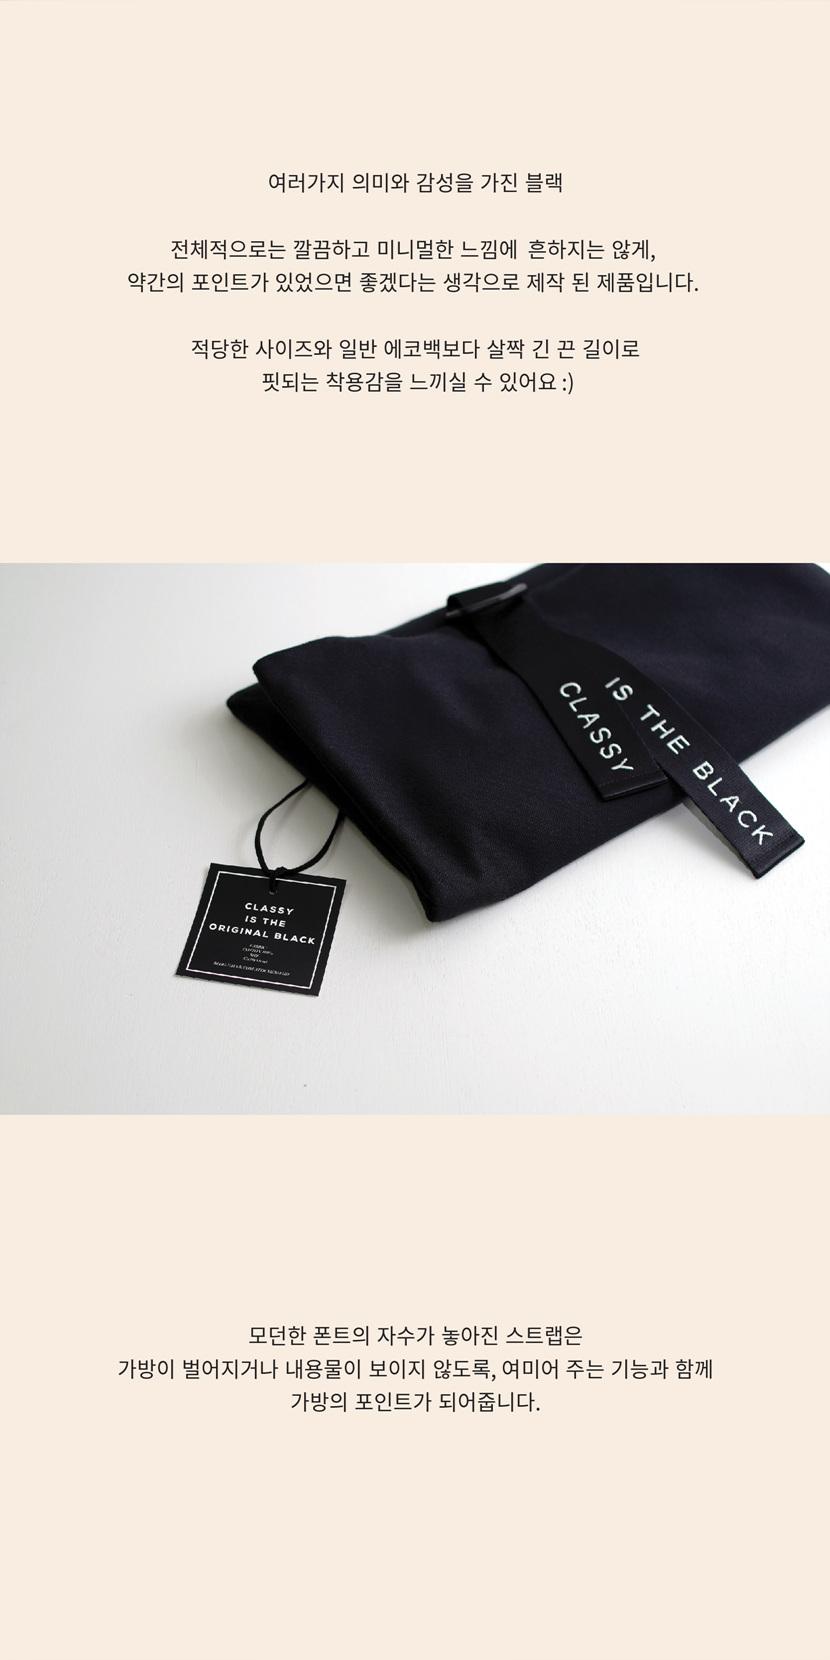 클래시 블랙 코튼 백25,000원-아틱머메이드패션잡화, 가방, 에코백, 무지에코백바보사랑클래시 블랙 코튼 백25,000원-아틱머메이드패션잡화, 가방, 에코백, 무지에코백바보사랑